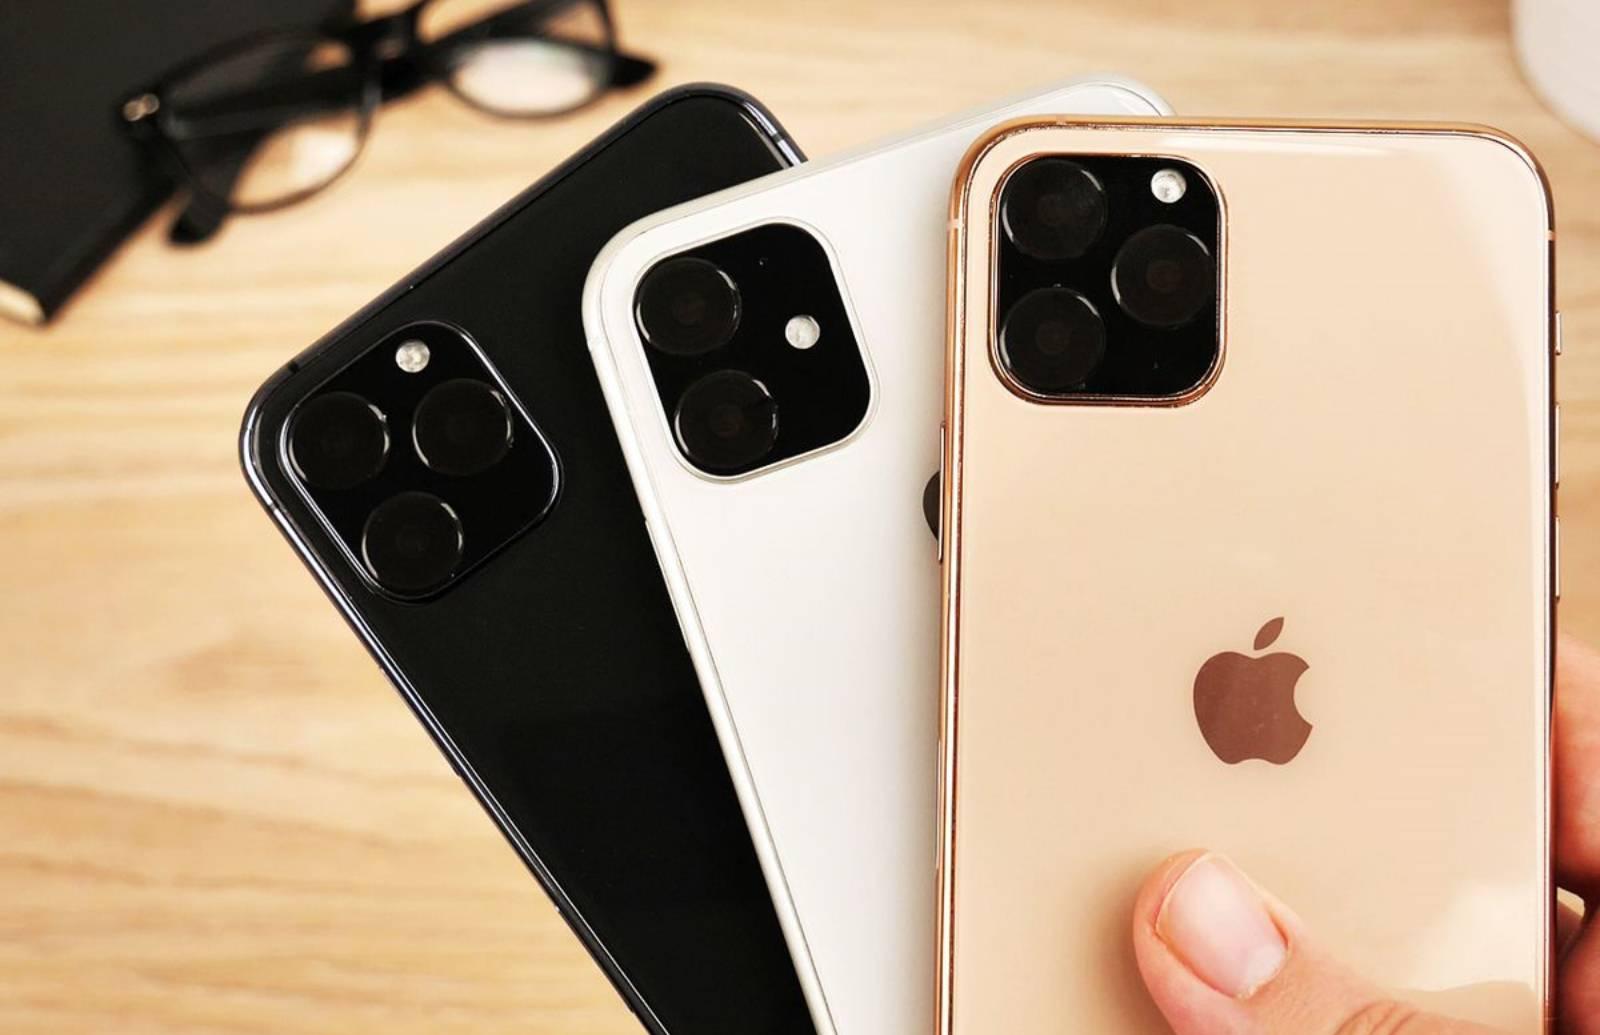 iPhone 11 Denumirile FINALE Dezvaluite Inainte de LANSARE